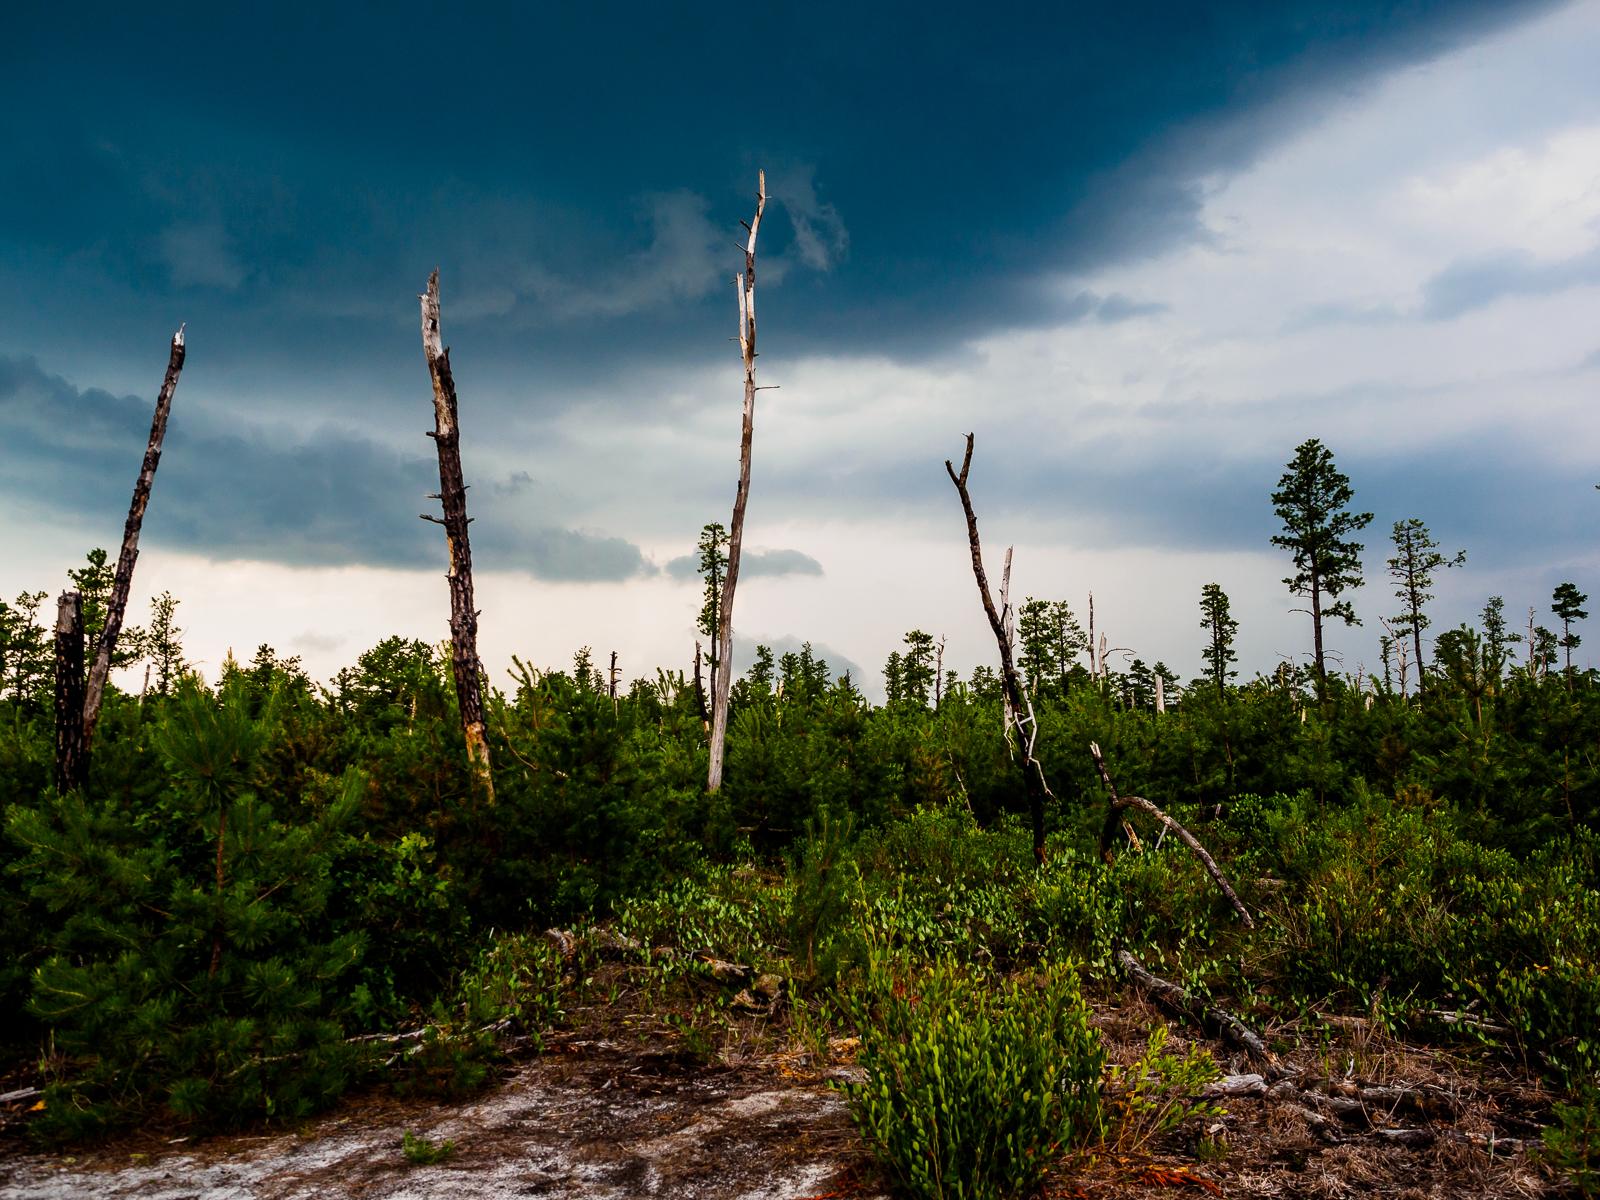 forest-island-Washington-NJ-7080016